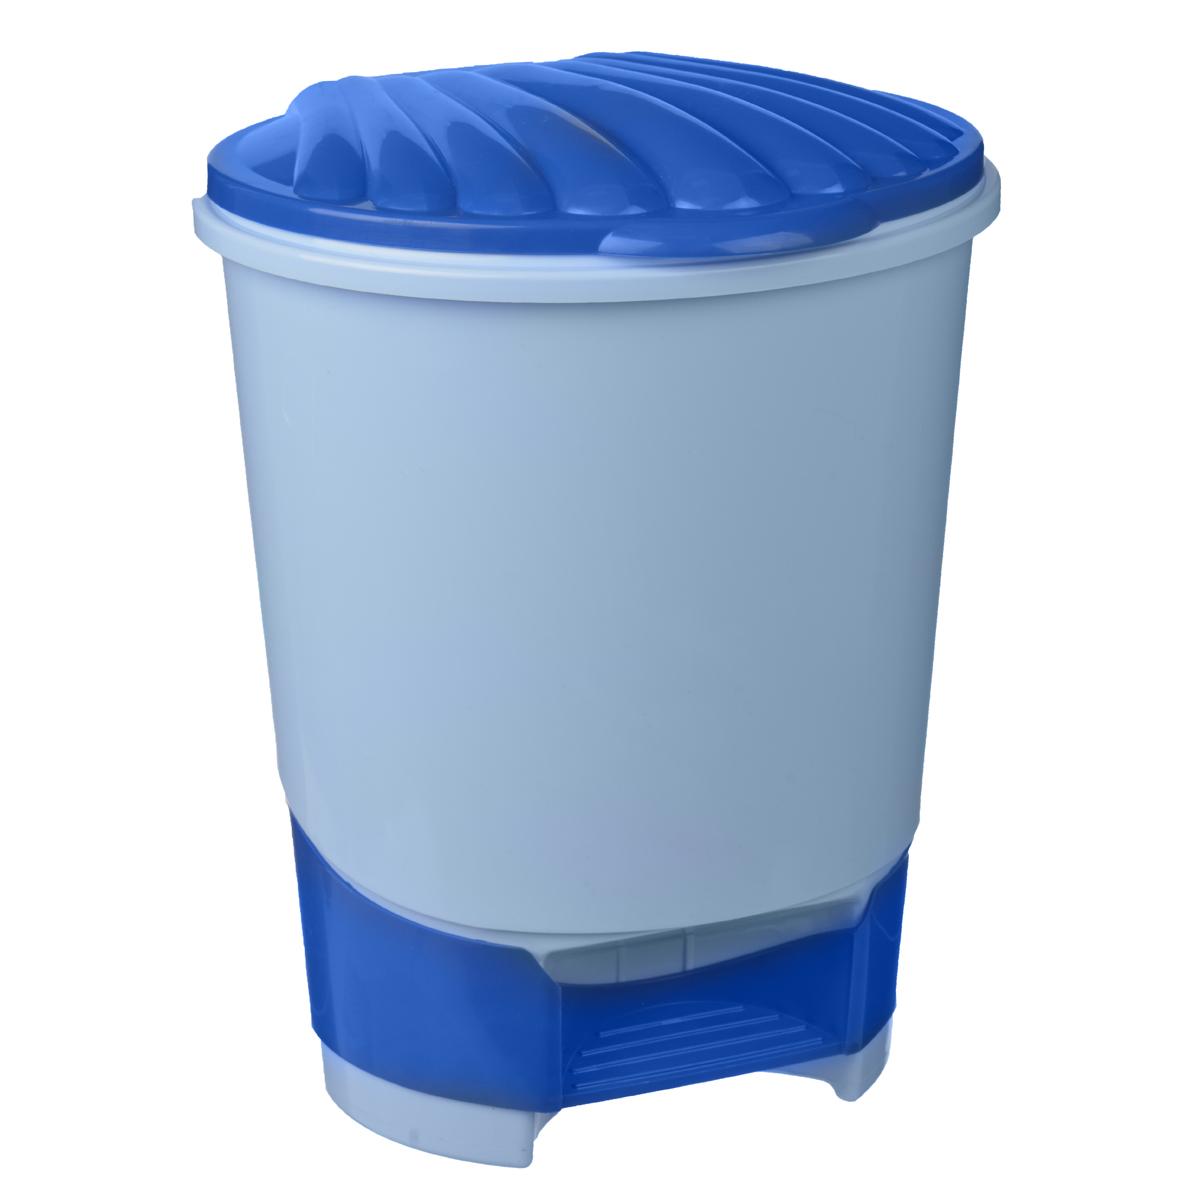 Ведро для мусора Альтернатива, с педалью, цвет: голубой, 10 лМ1380Ведро для мусора Альтернатива, выполненное из прочного пластика, обеспечит долгий срок службы и легкую чистку. Ведро поможет вам держать мелкий мусор в порядке и предотвратит распространение неприятного запаха. Откидная пластиковая крышка открывается и закрывается при помощи педали.